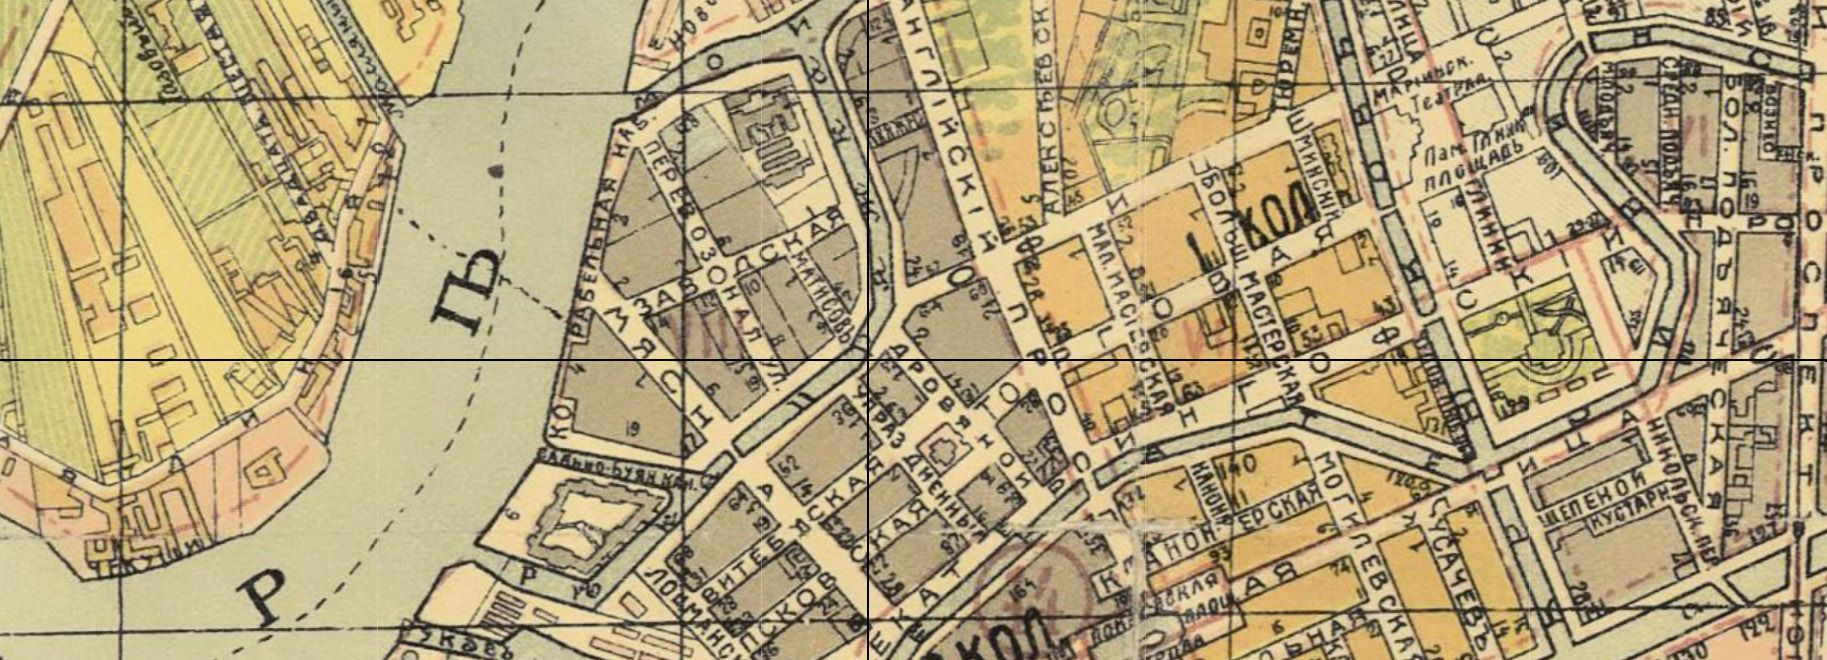 Korabeln_nab_1909.jpg